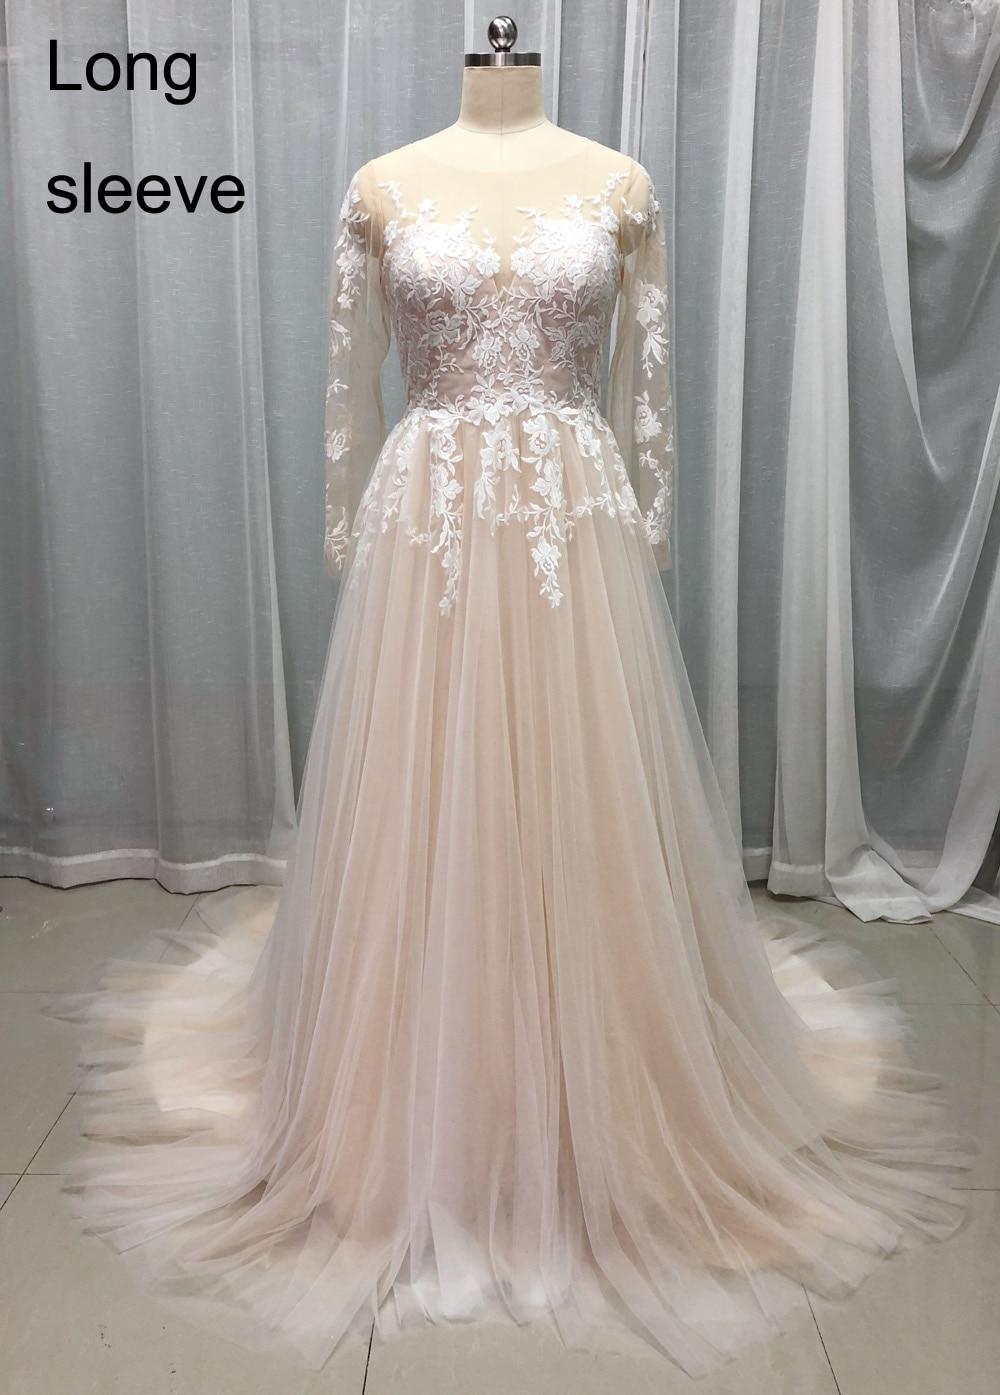 Elegants šampanieša kāzu kleita 2018 garām piedurknēm bez - Kāzu kleitas - Foto 6